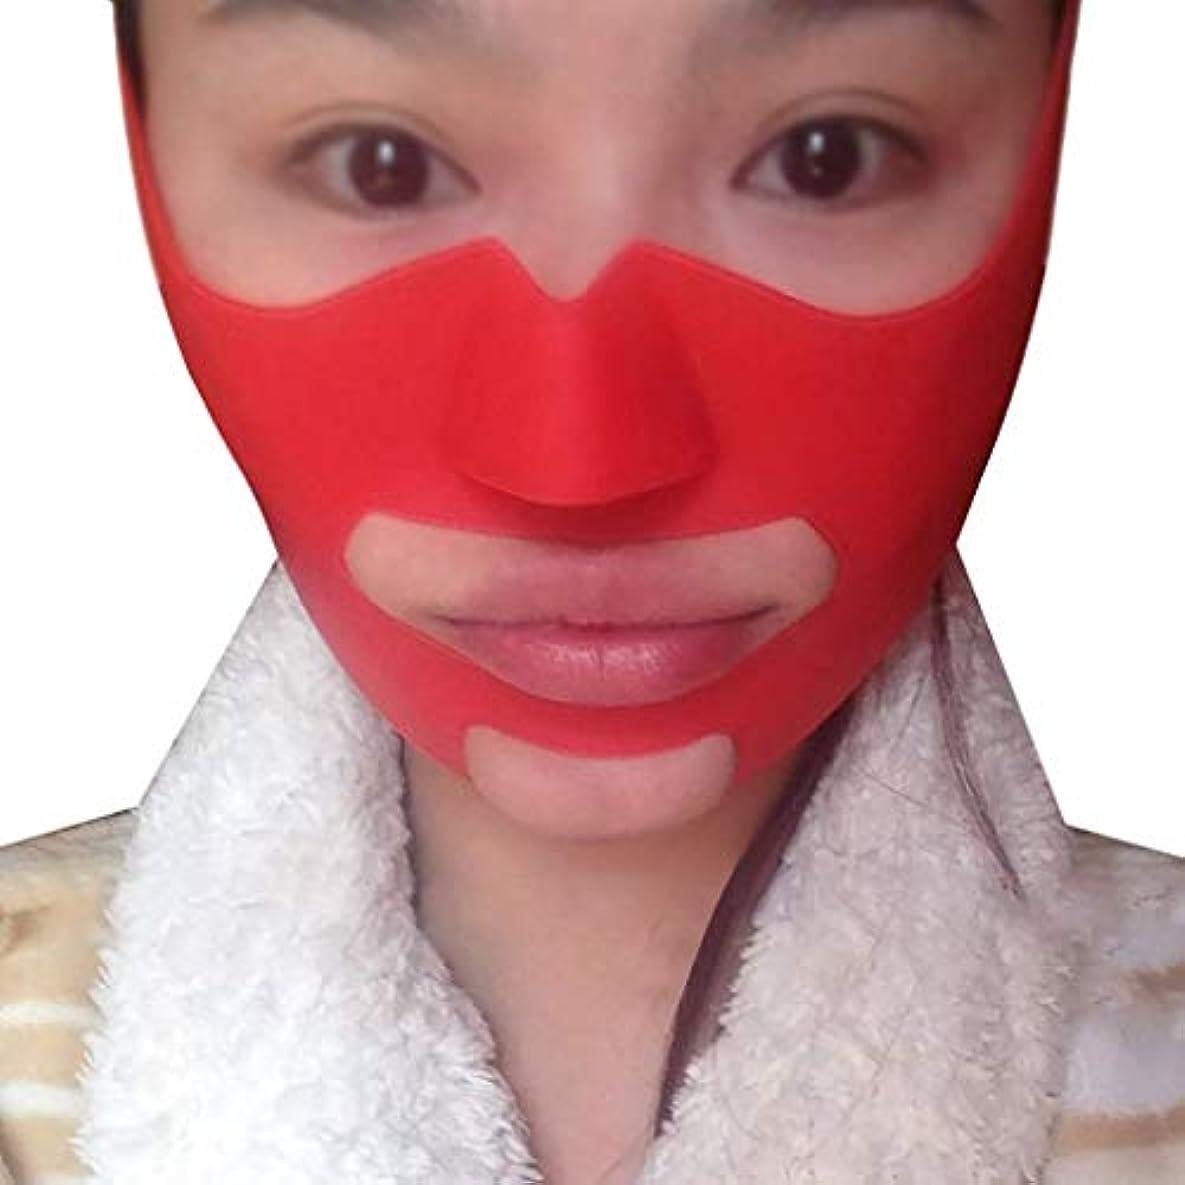 欠伸十分な破裂フェイスリフトマスク、シリコーンVフェイスマスクフェイスマスク強力な薄い咬筋筋肉を持ち上げるアップルの筋肉パターン布アーティファクト小さなV顔包帯顔と首リフト